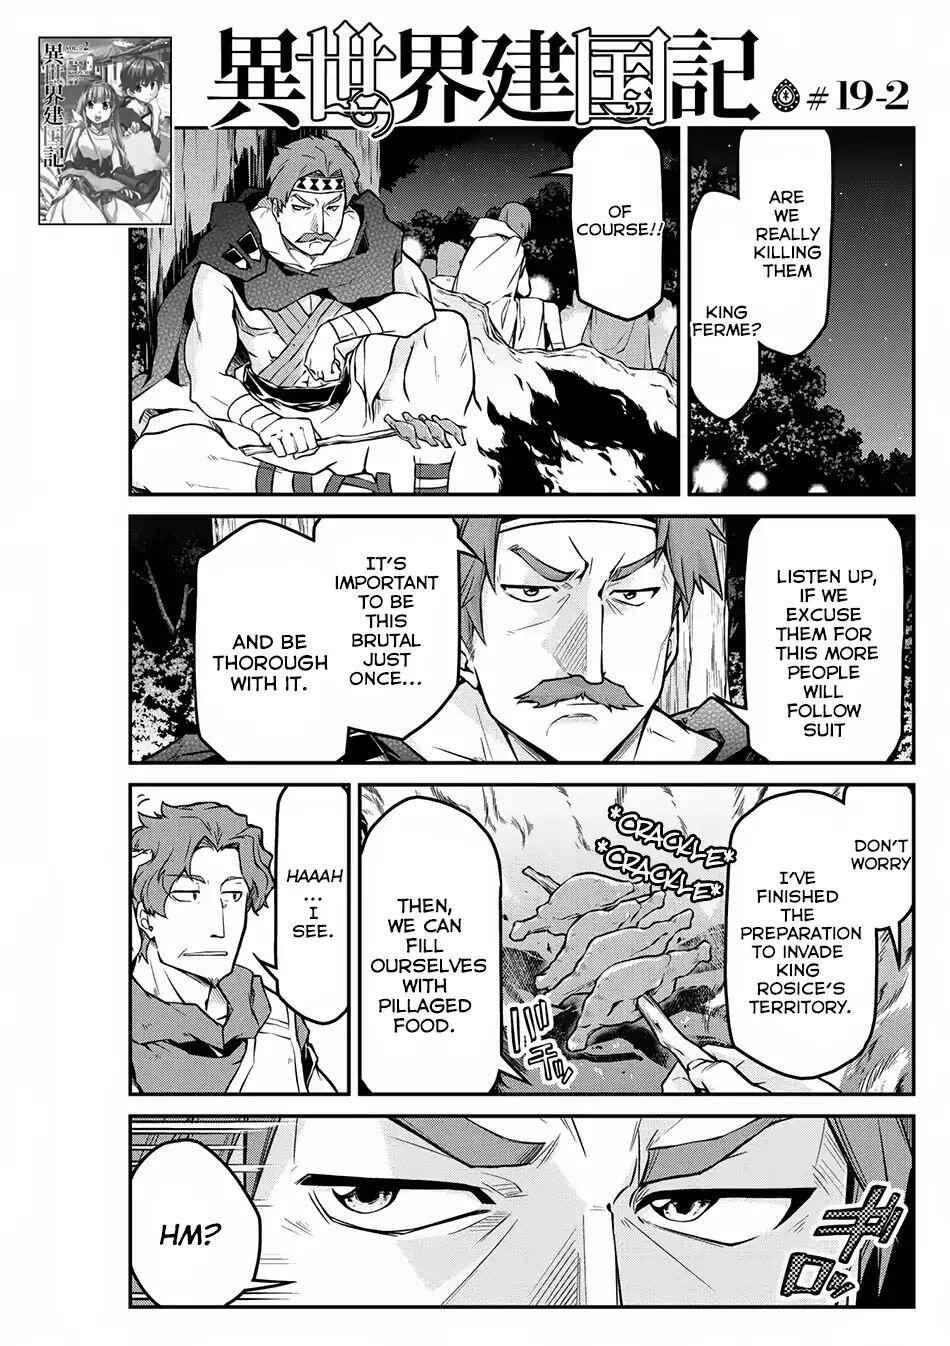 Isekai Kenkokuki - chapter 19.2-eng-li